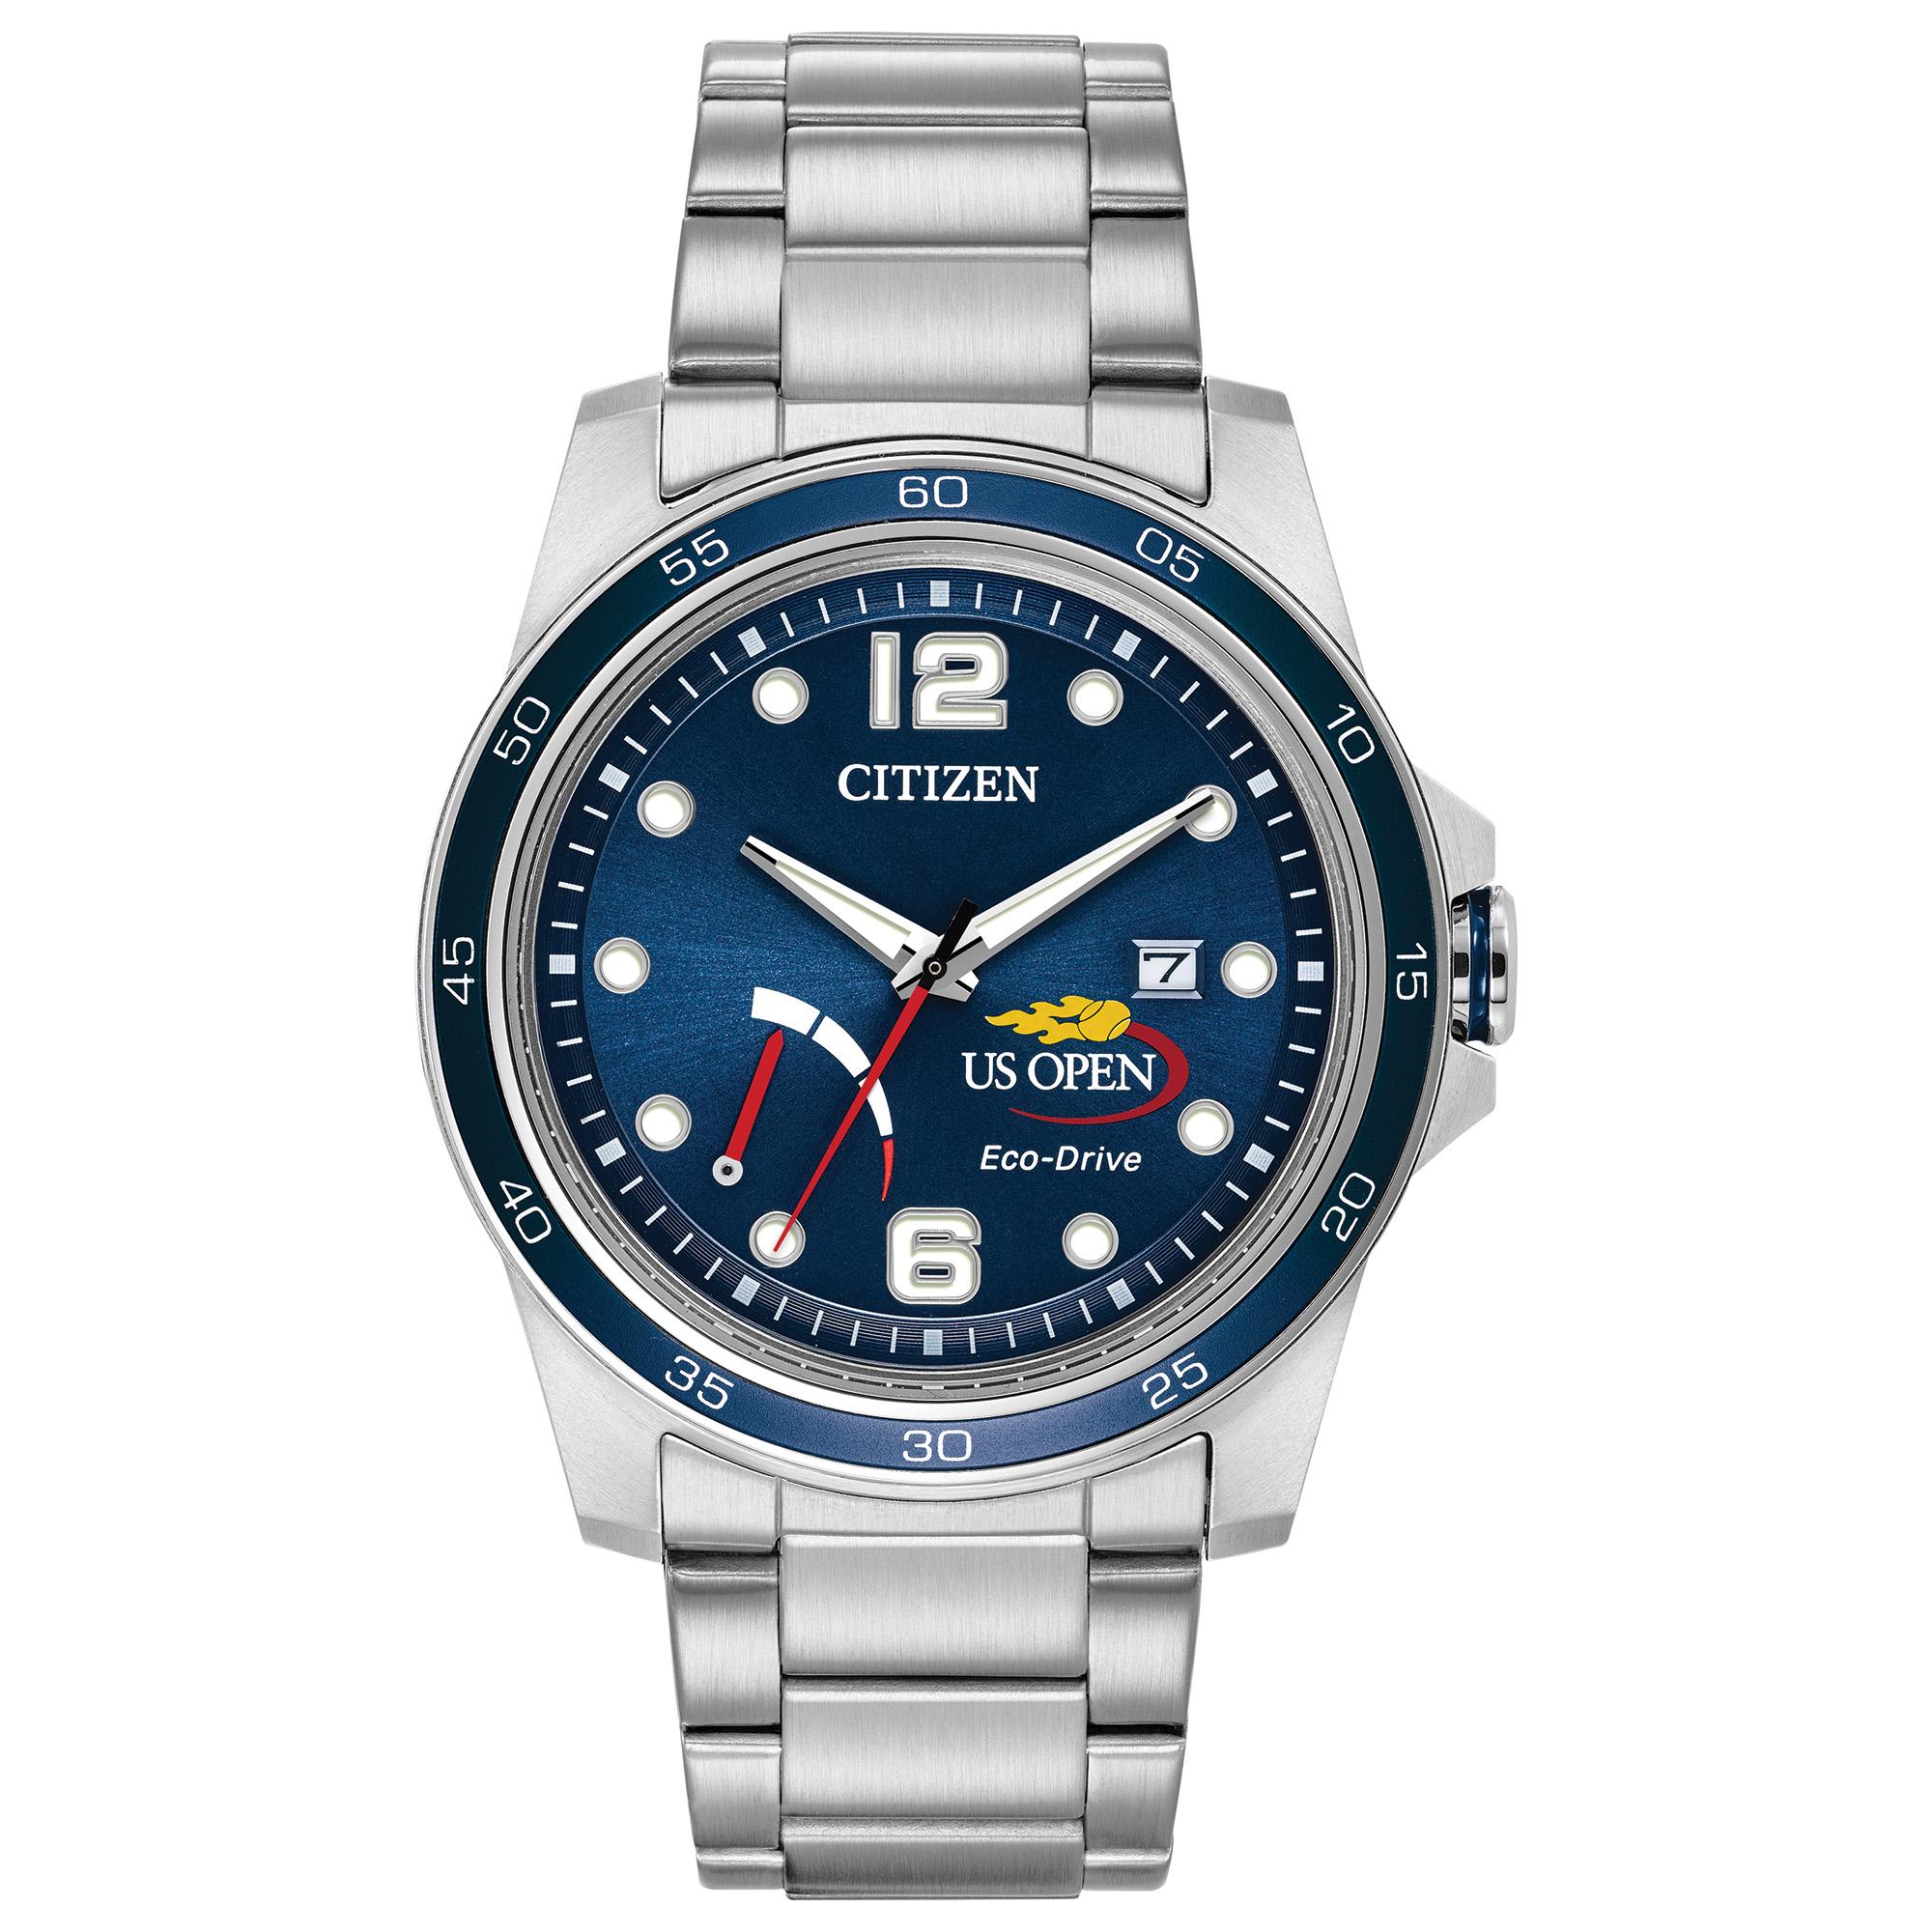 Citizen 25th Anniversary Commemorative Edition timepiece